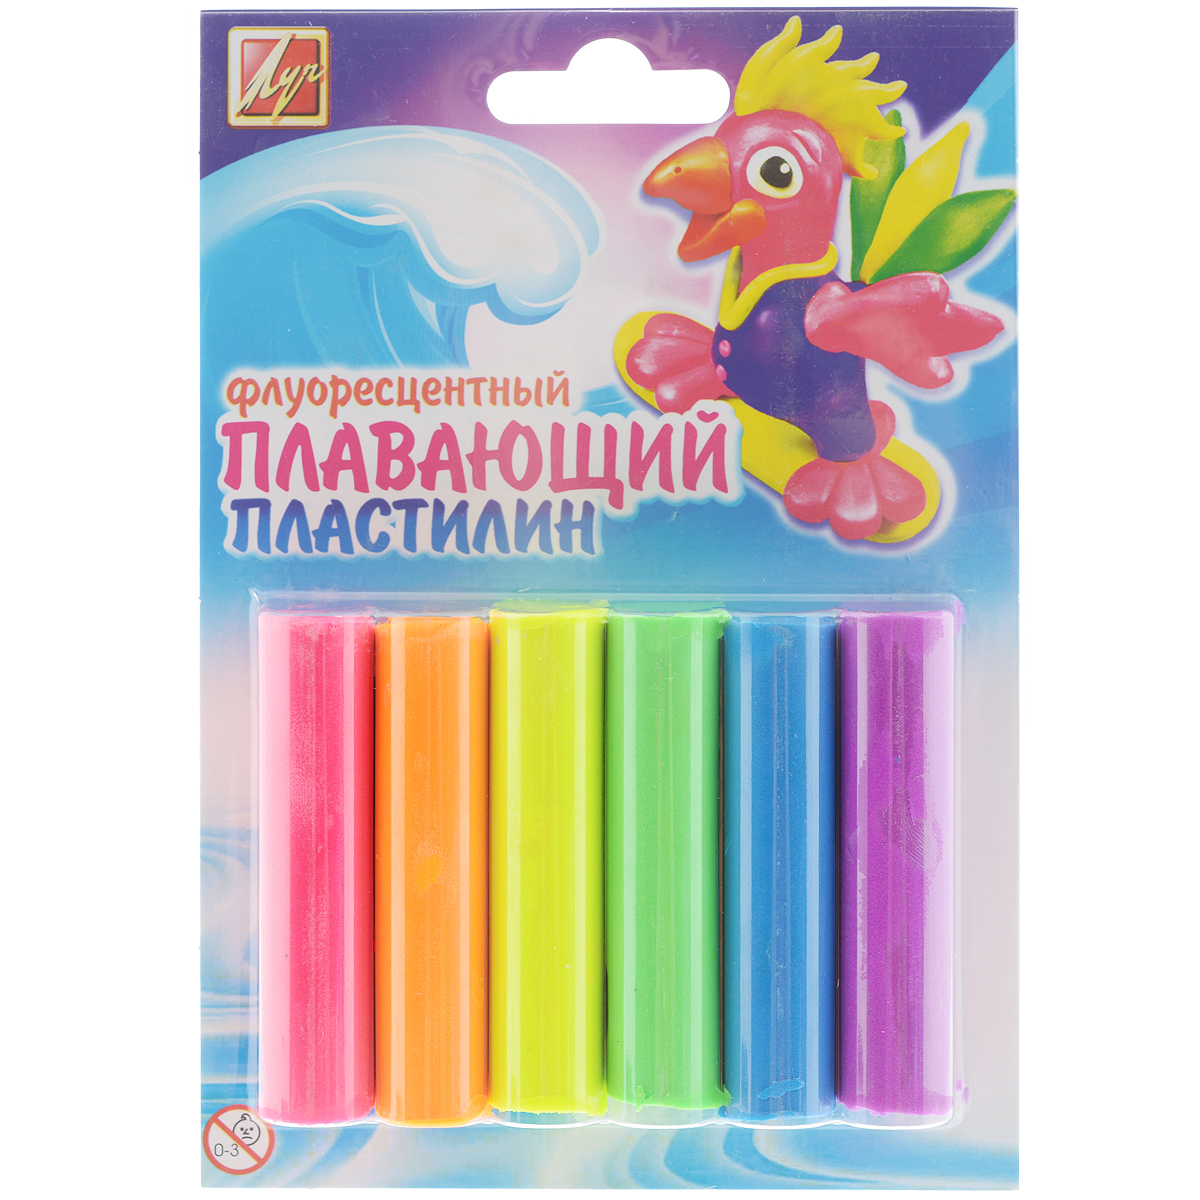 Пластилин плавающий флуоресцентный  Луч , 6 цветов -  Пластилин